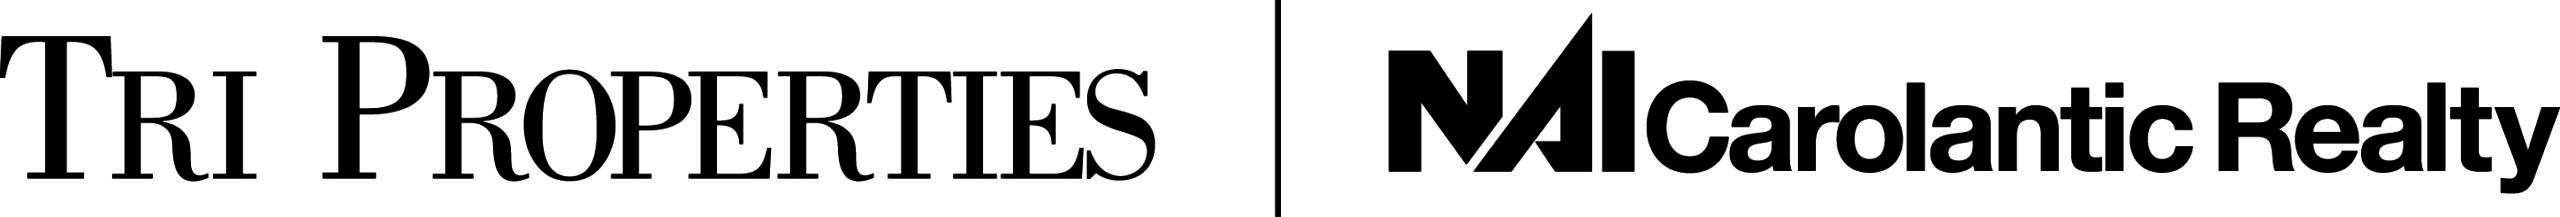 TPI_NAI Logo BLACK